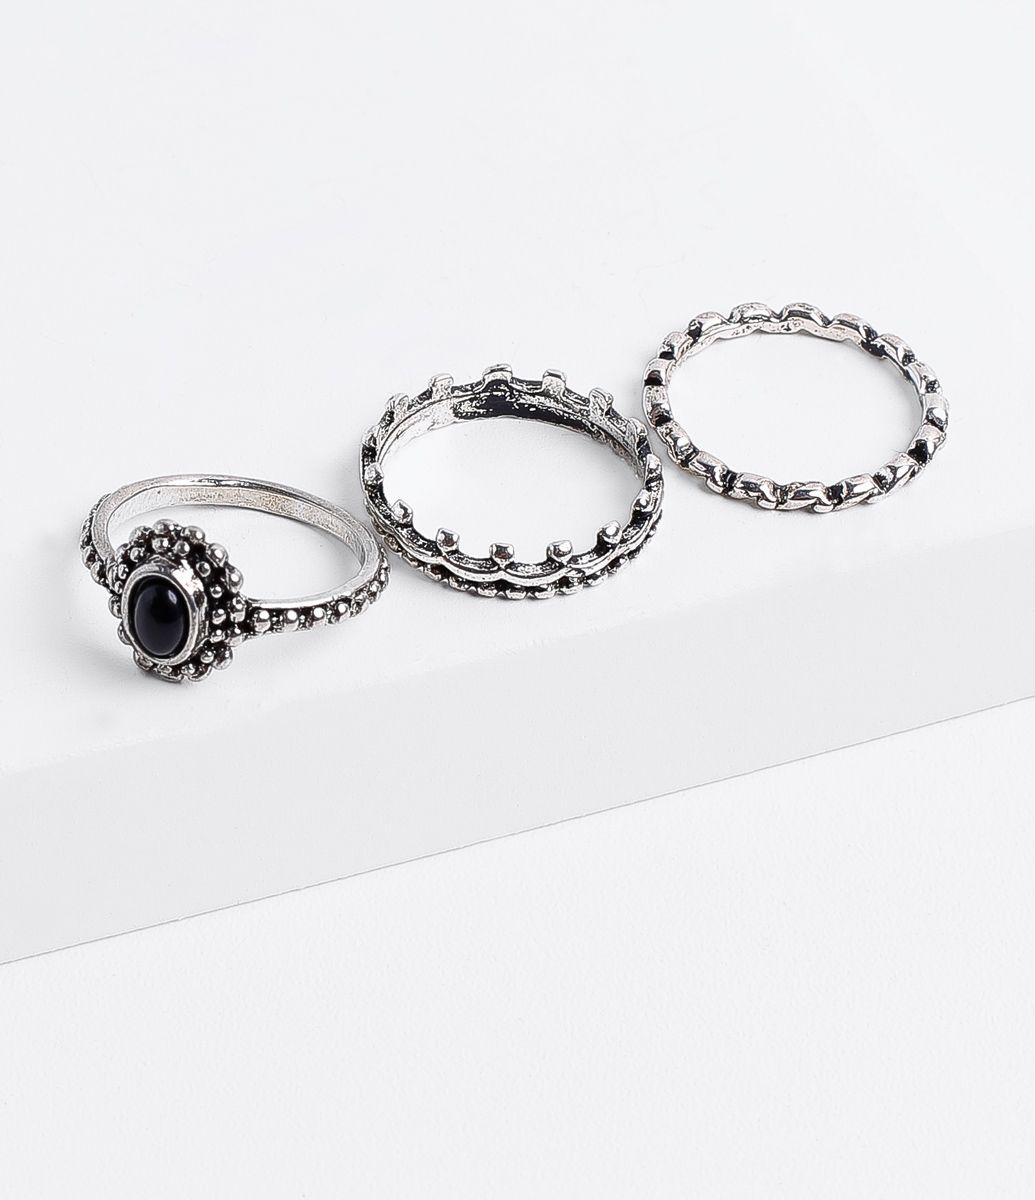 b46e95332f56c Anel de bijuteria Kit com 3 peças Modelo aliança Com pedra preta Marca   Accessories Material